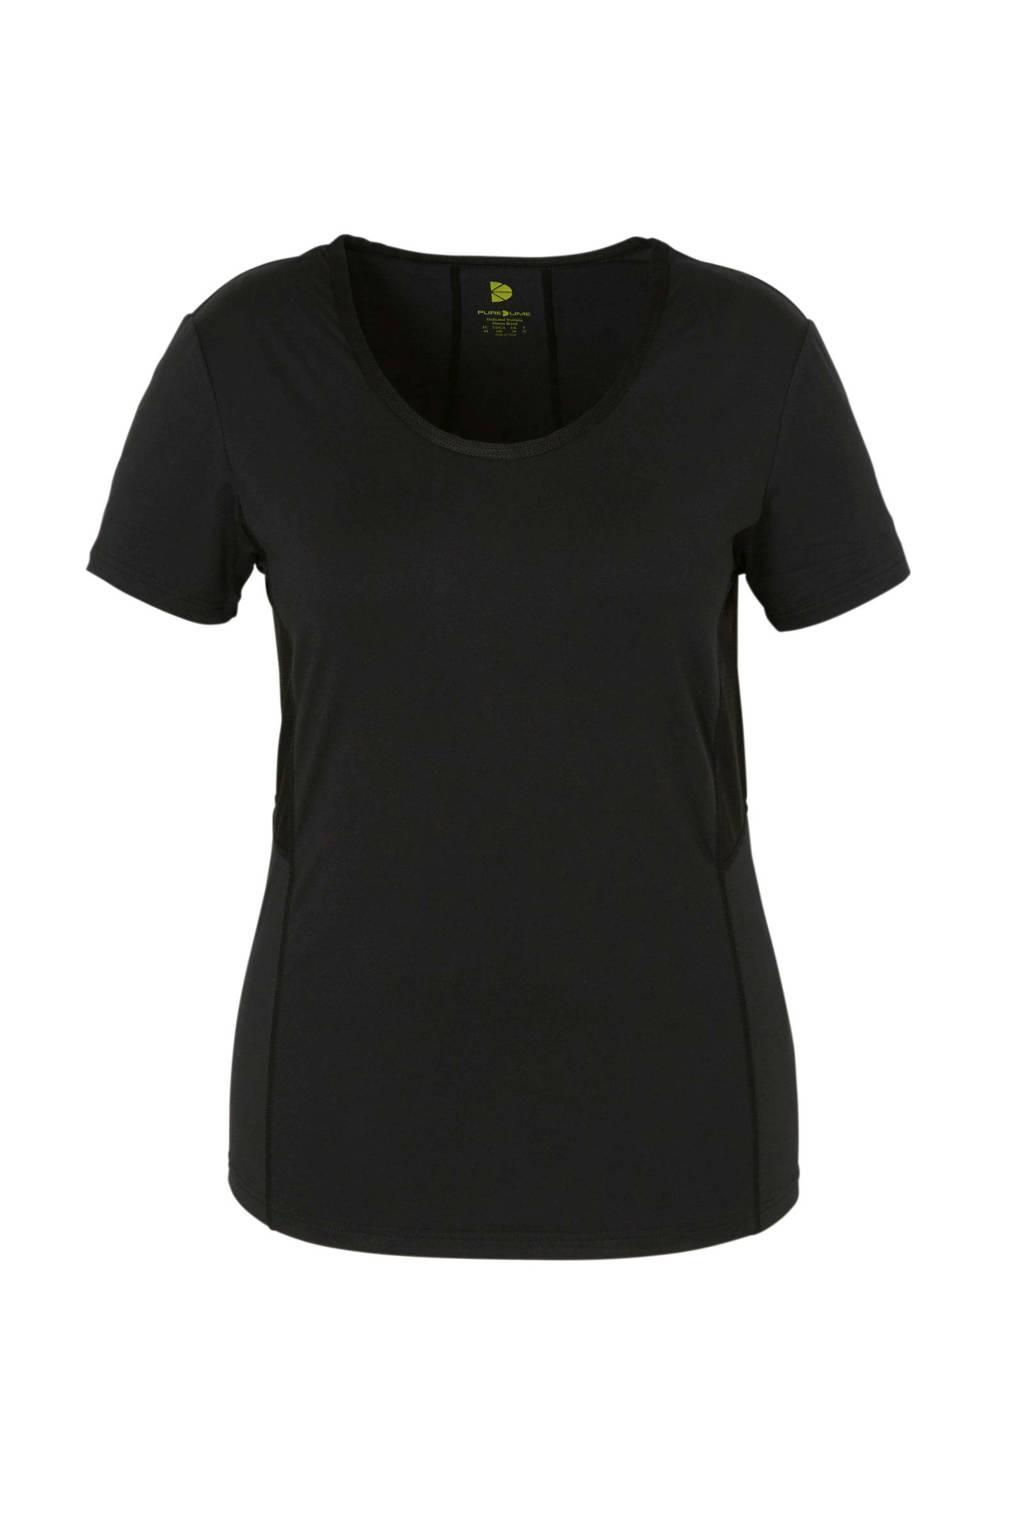 PureLime sport T-shirt zwart, Zwart